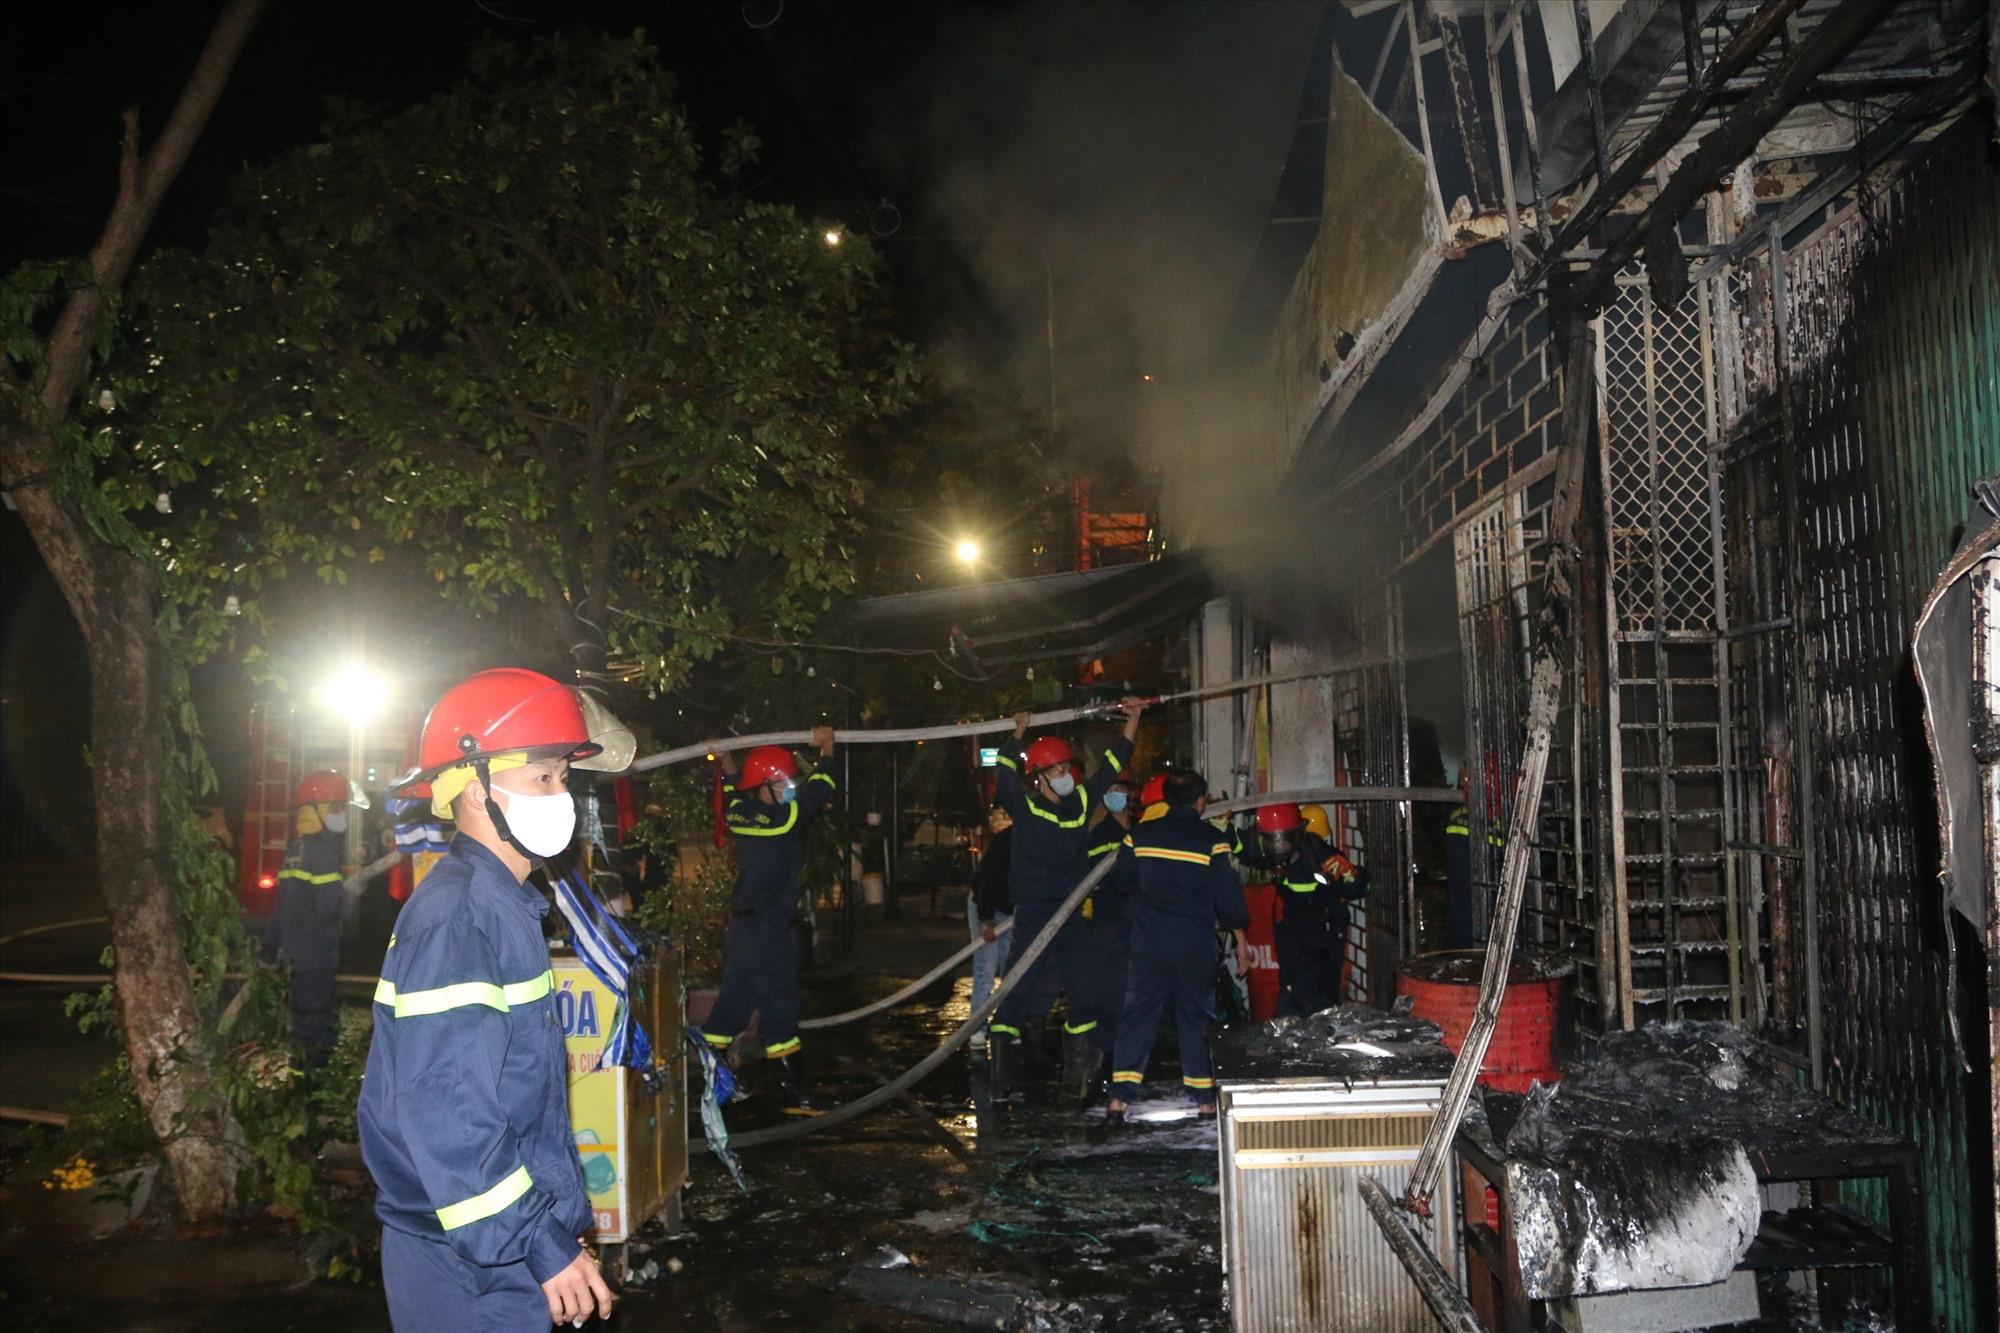 Đám cháy lan 2 nhà, gây thiệt hại nhiều về tài sản (đang được thống kê). Ảnh: Công an cung cấp